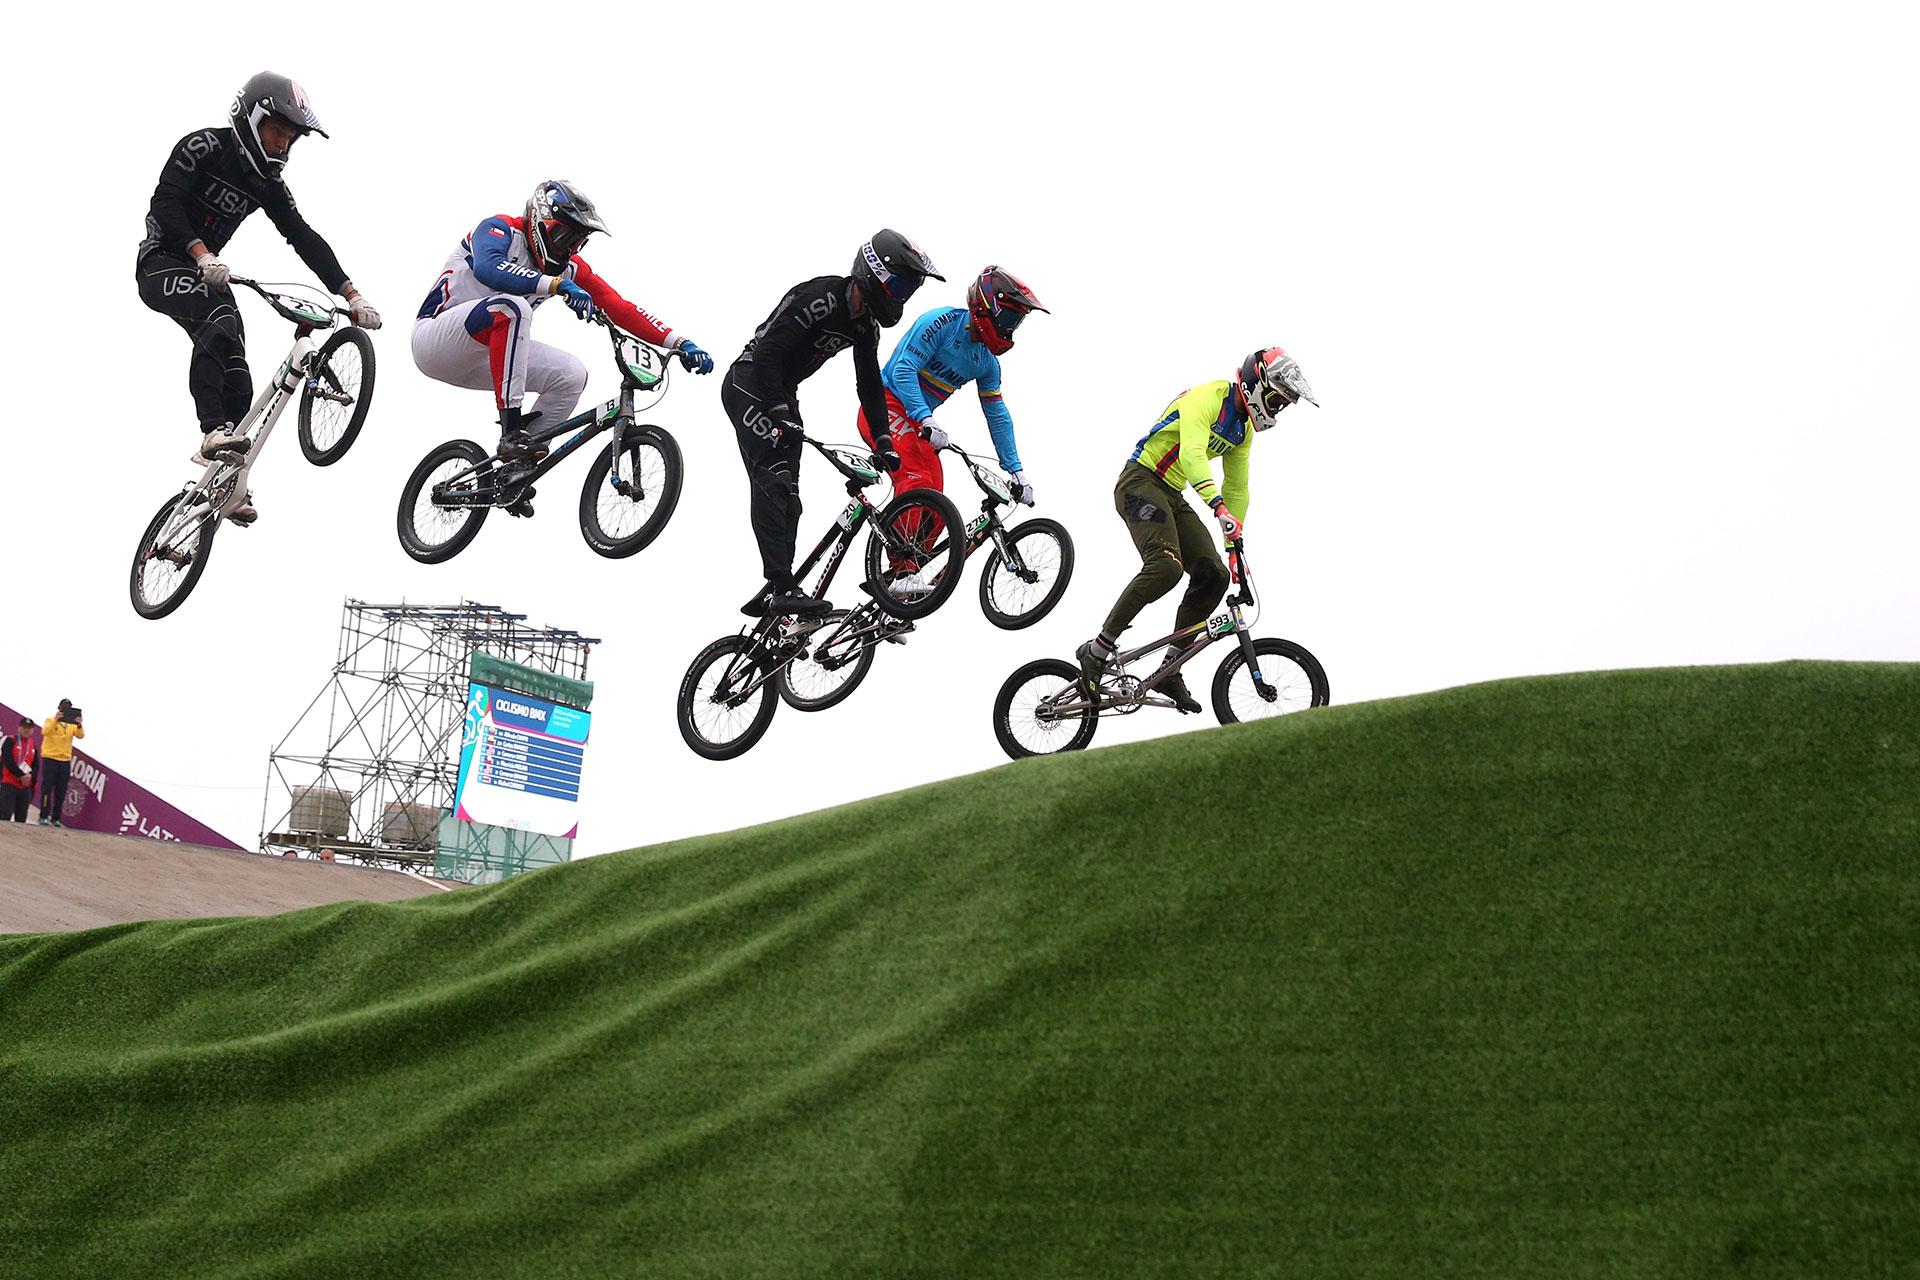 El circuito de Costa Verde fue la sede del BMX